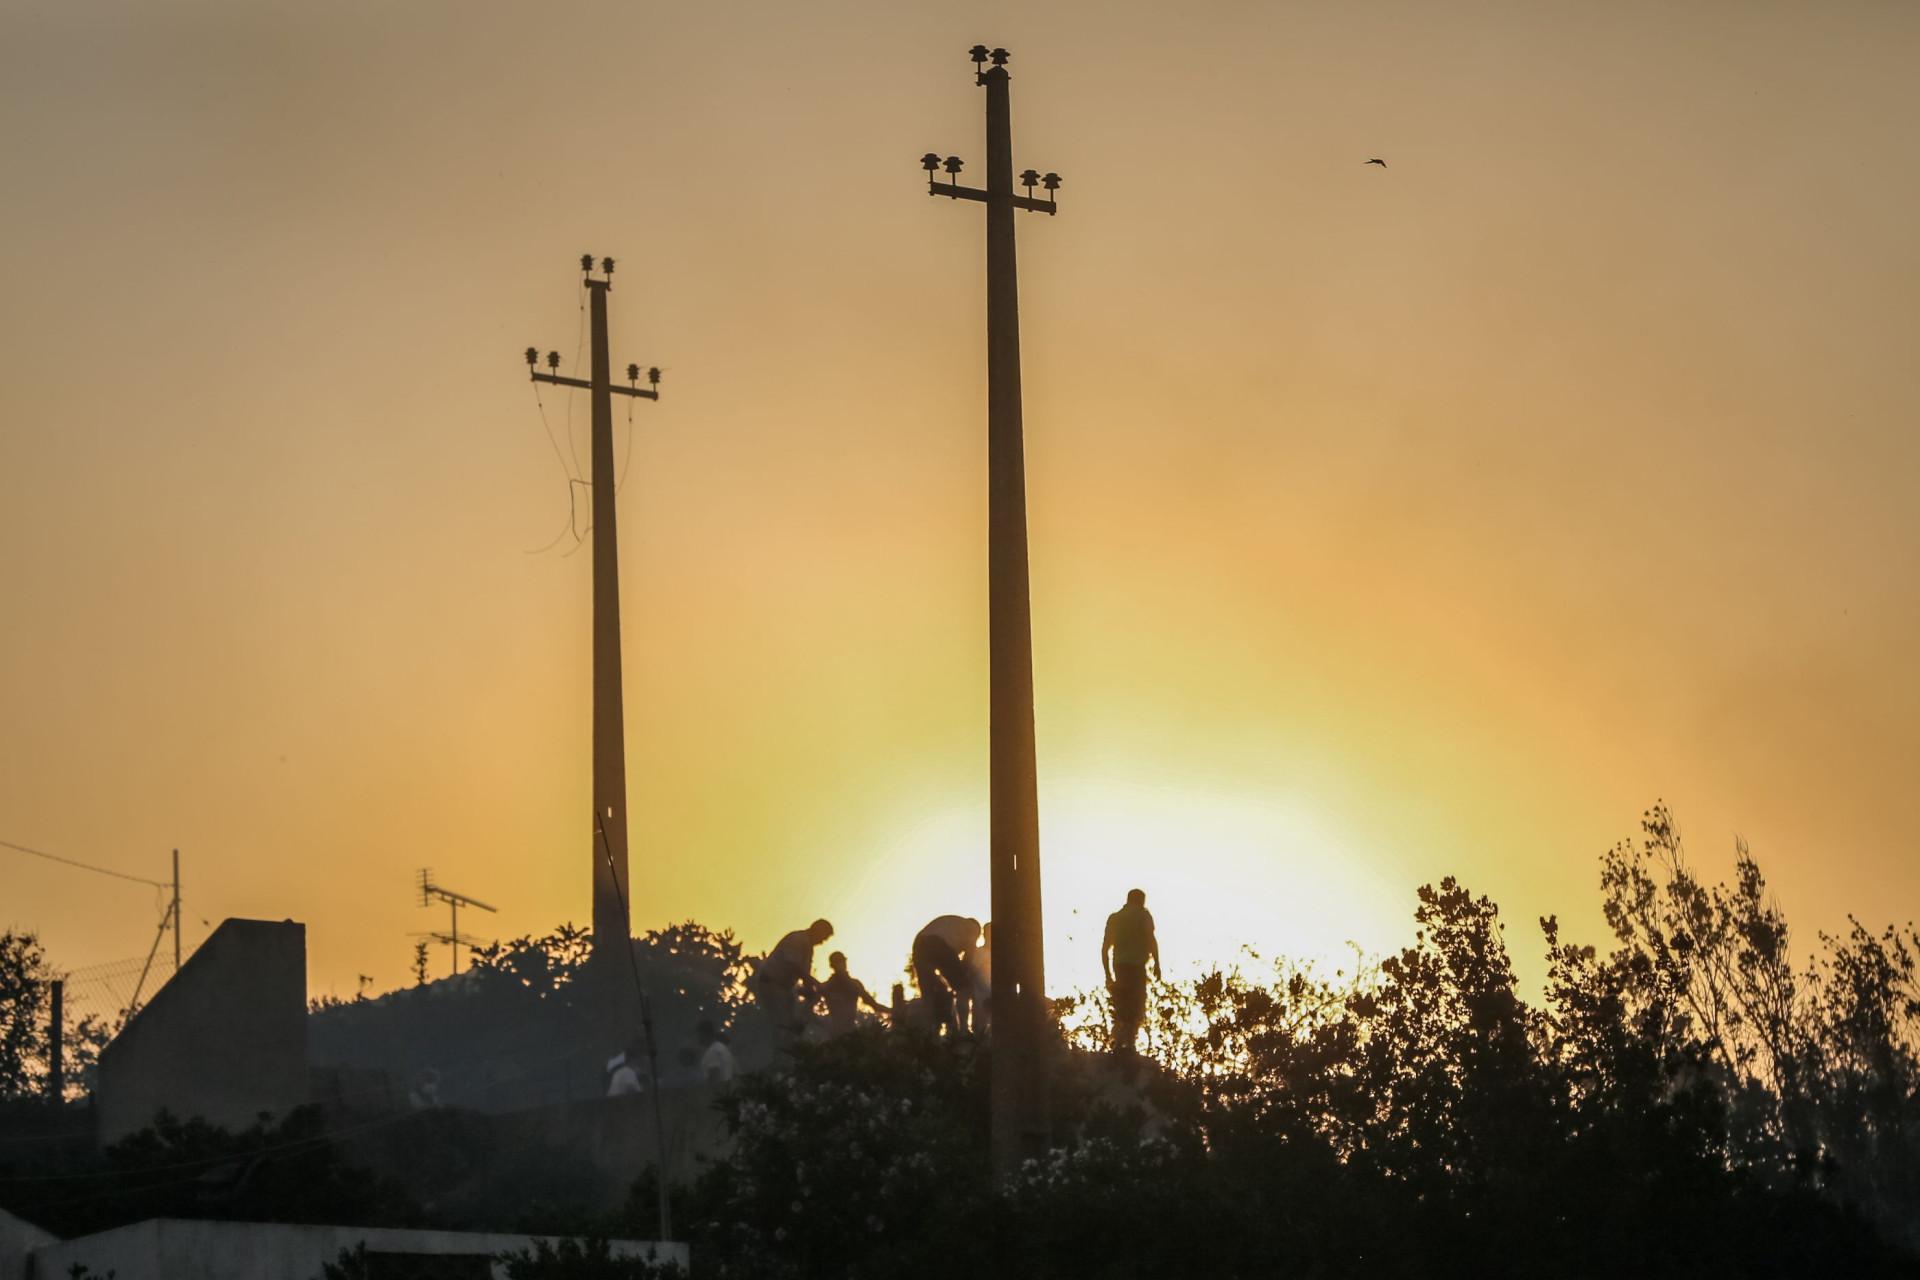 Incêndio em Portugal já dura 7 dias e está fora de controle; imagens